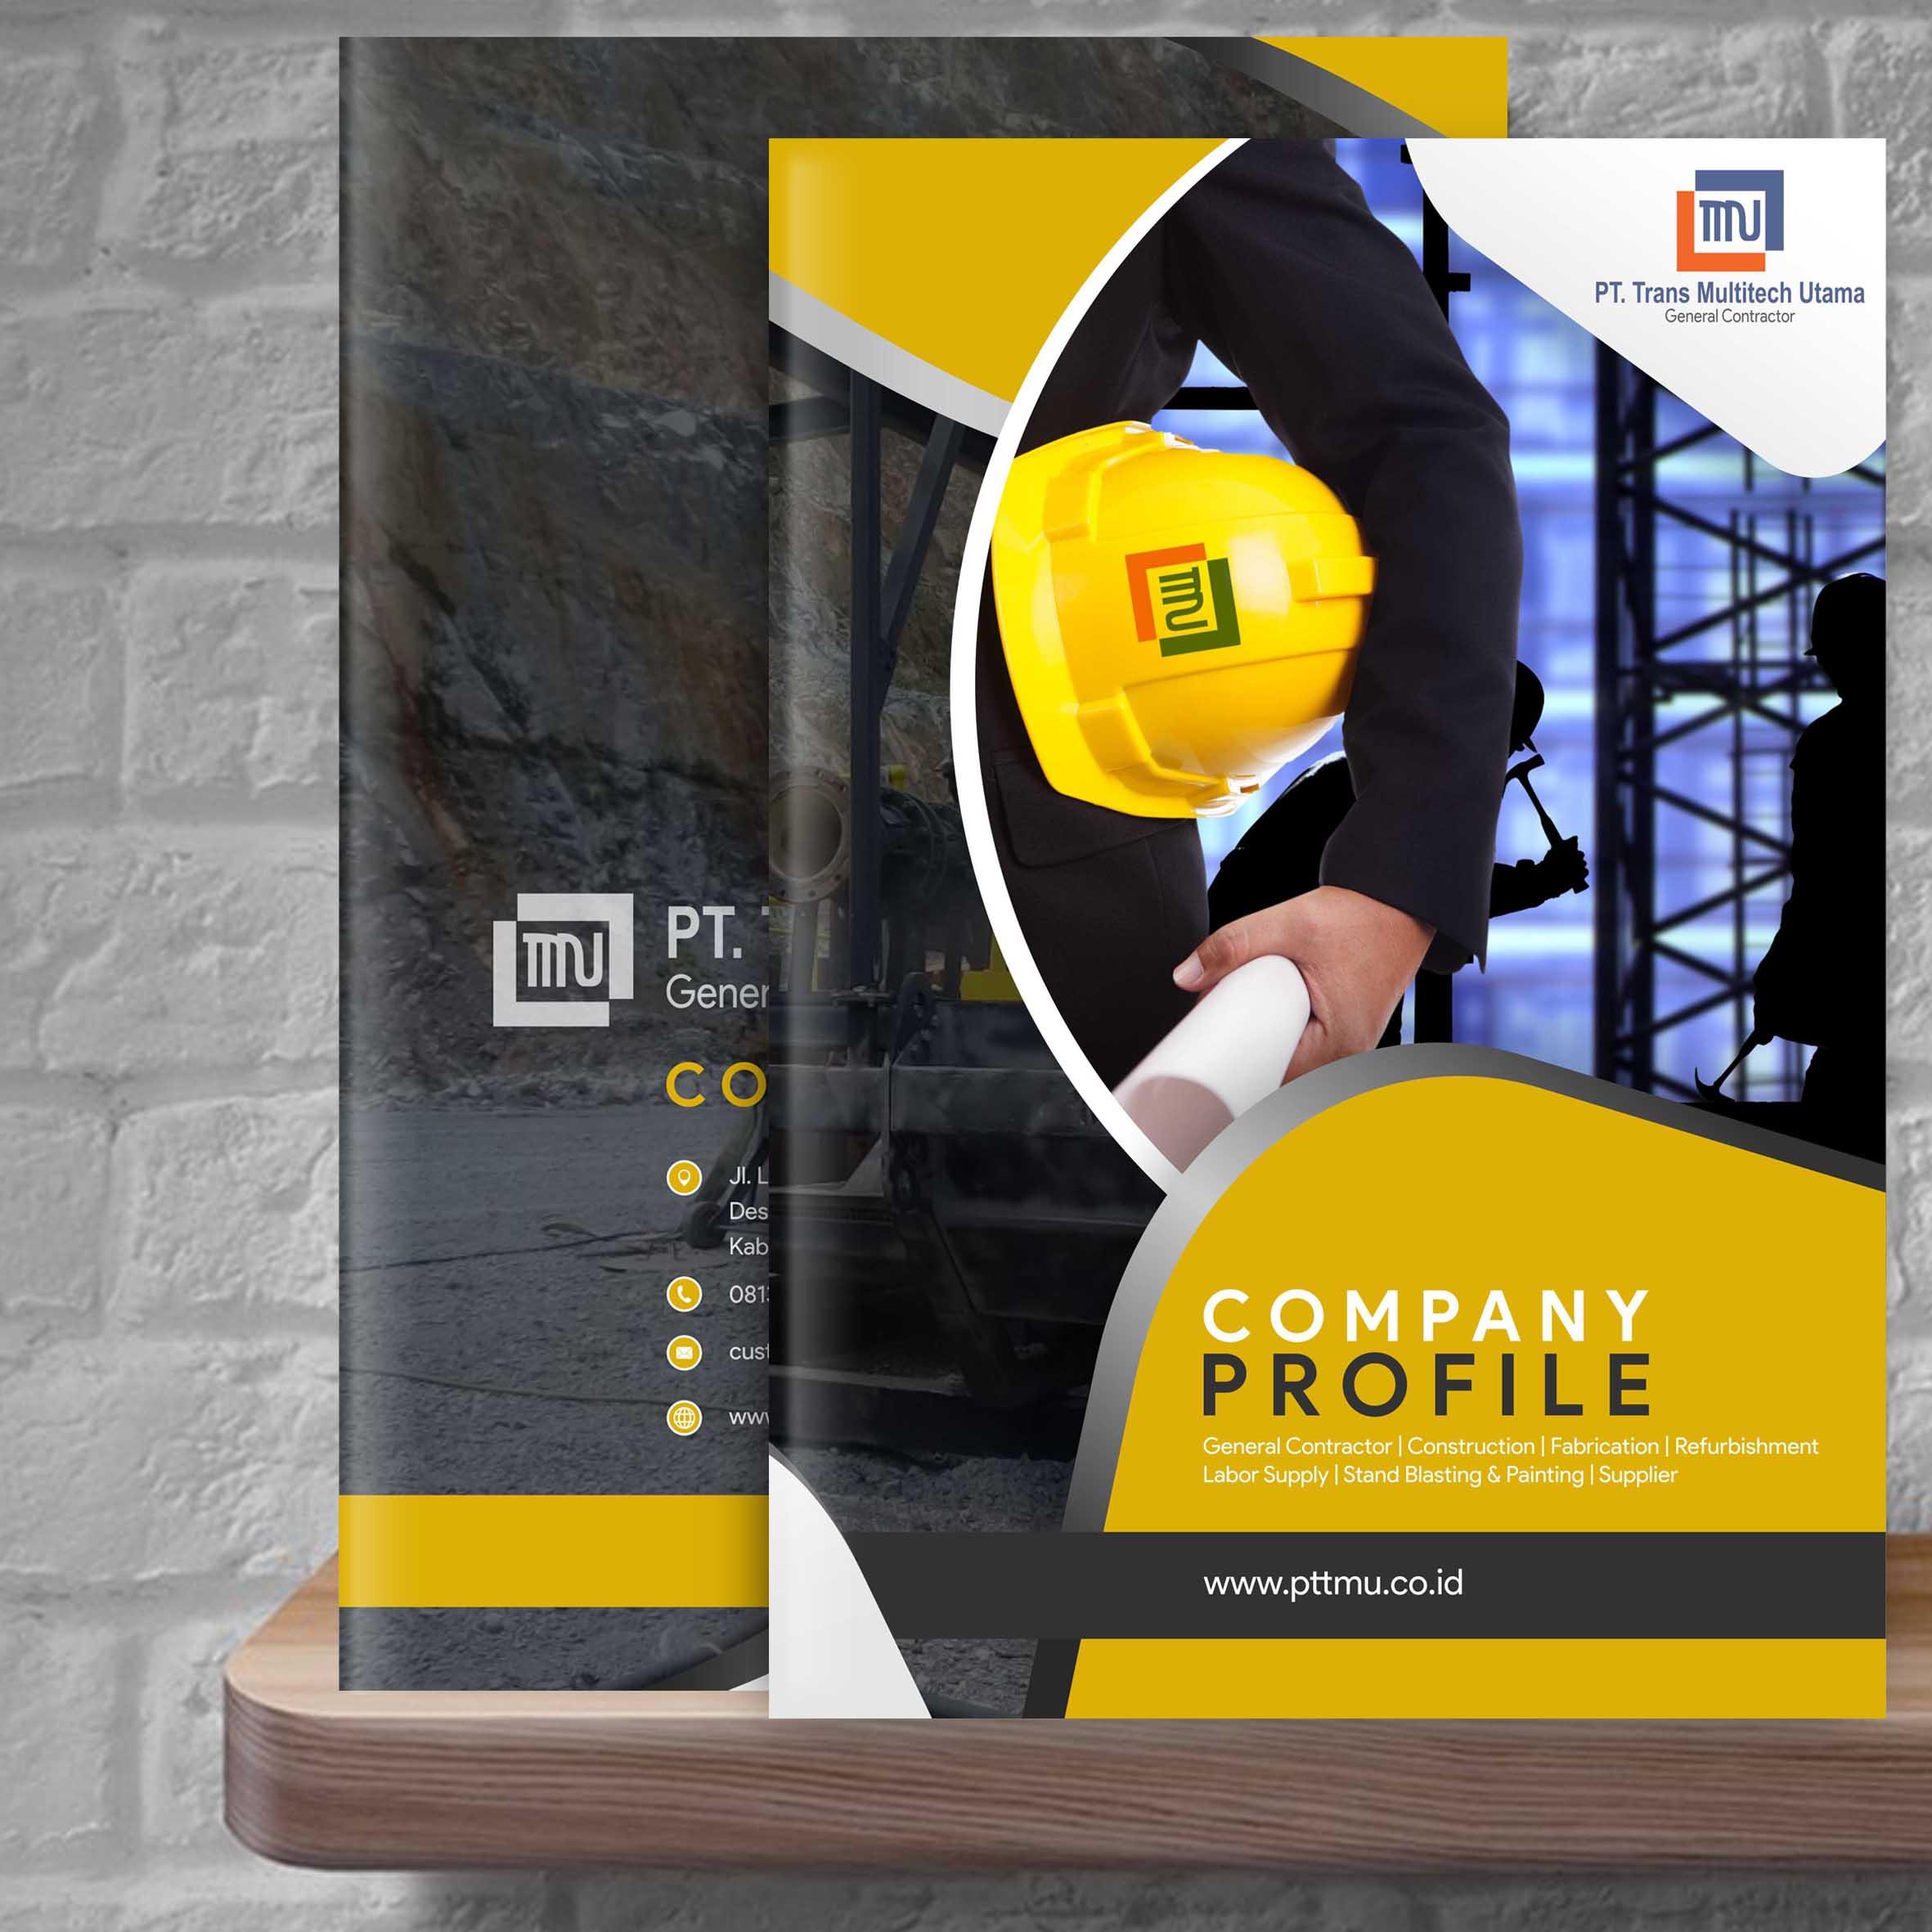 Sribu: Company Profile Design - Desain Company Profile untuk